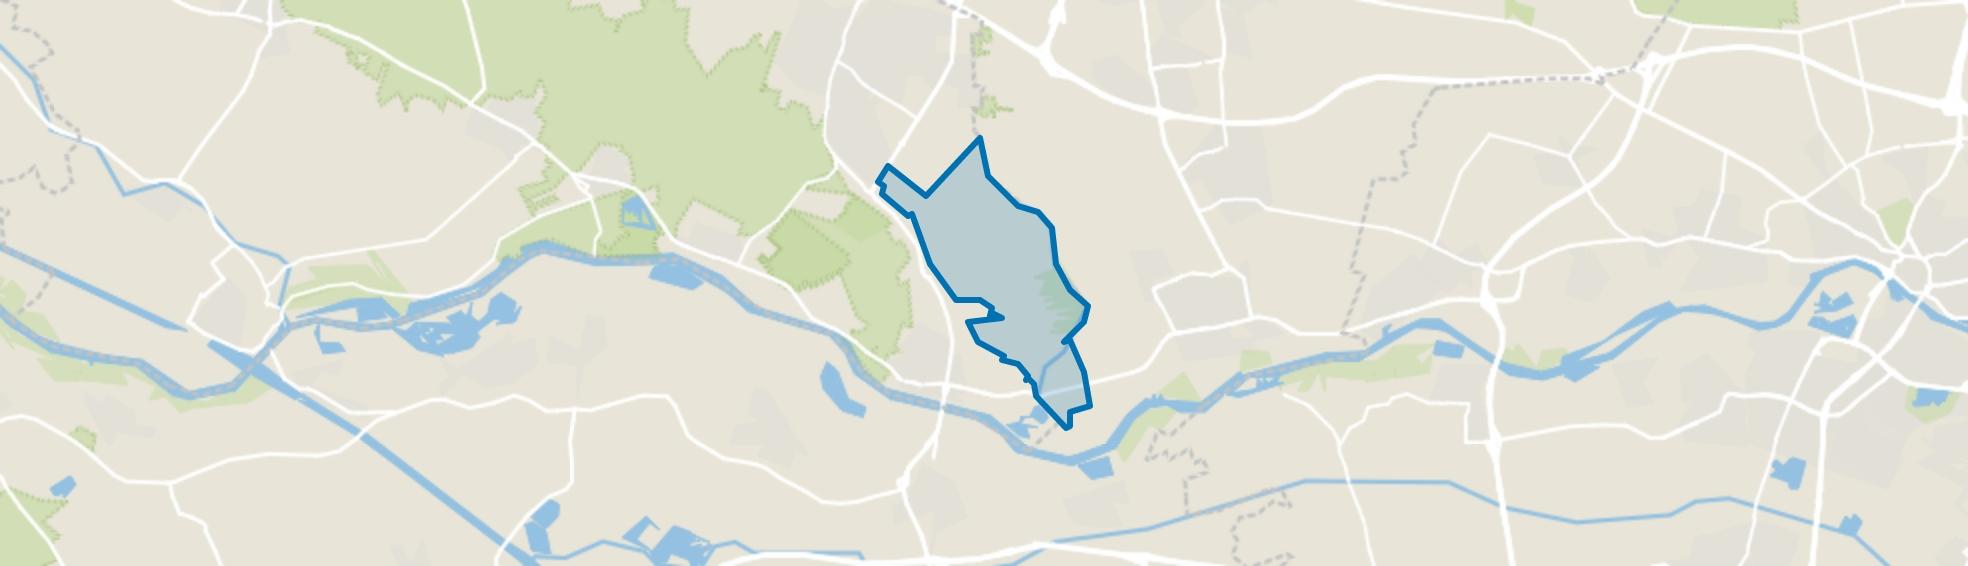 Binnenveld, Rhenen map